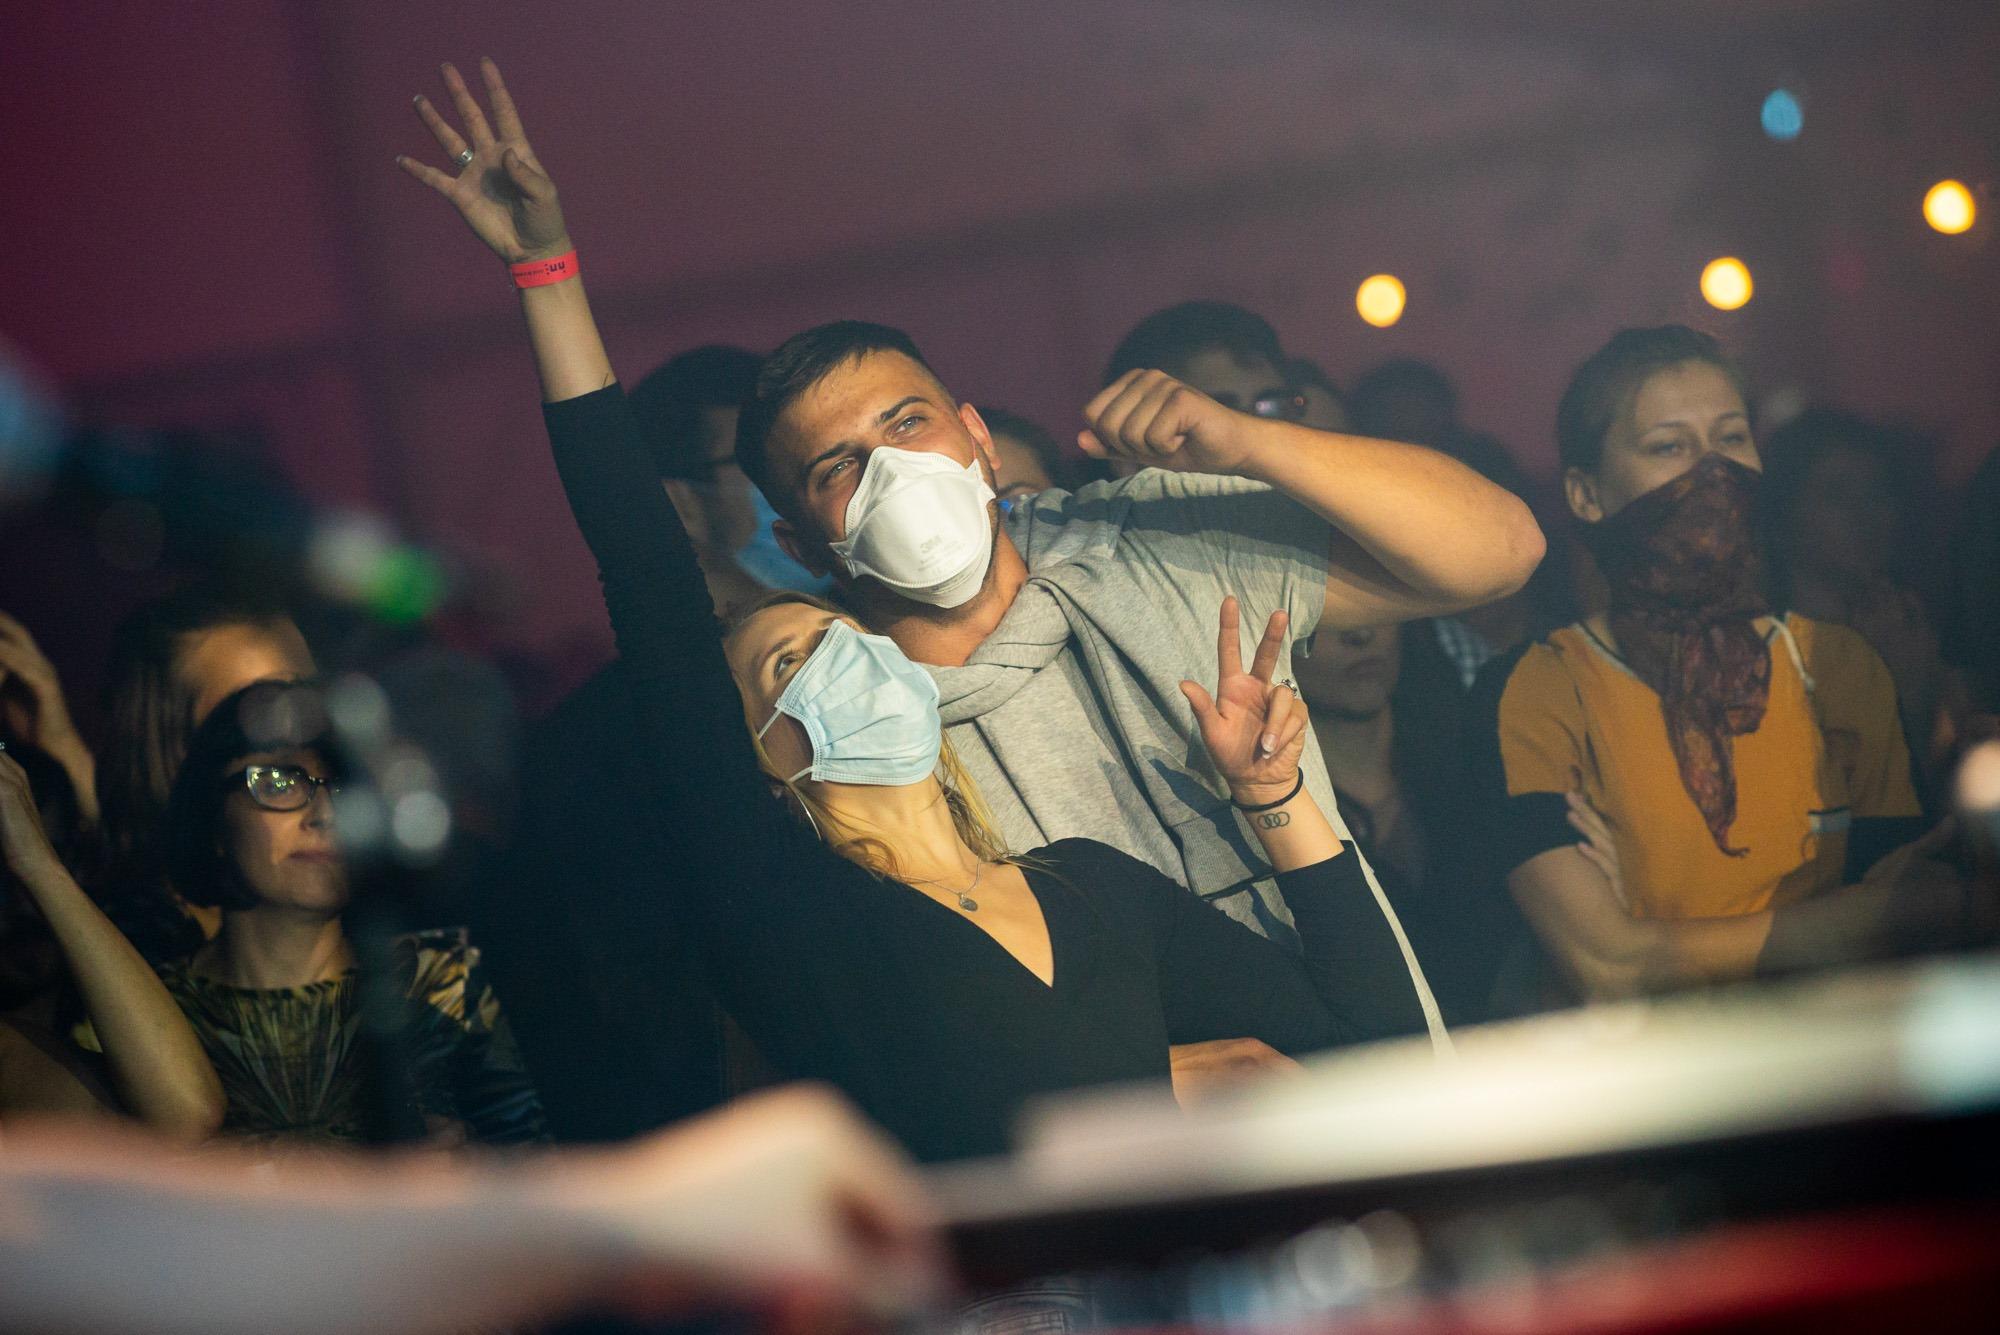 [Zdjęcie z koncertu przedstawia publiczność wpatrzoną w występujących na scenie artystów. Na pierwszym planie mężczyzna z kobietą. Ich ręce są uniesione w górę, na nosie i ustach mają założone maseczki. W tle widoczne sylwetki innych odbiorców koncertu - kobiet i mężczyzn.]